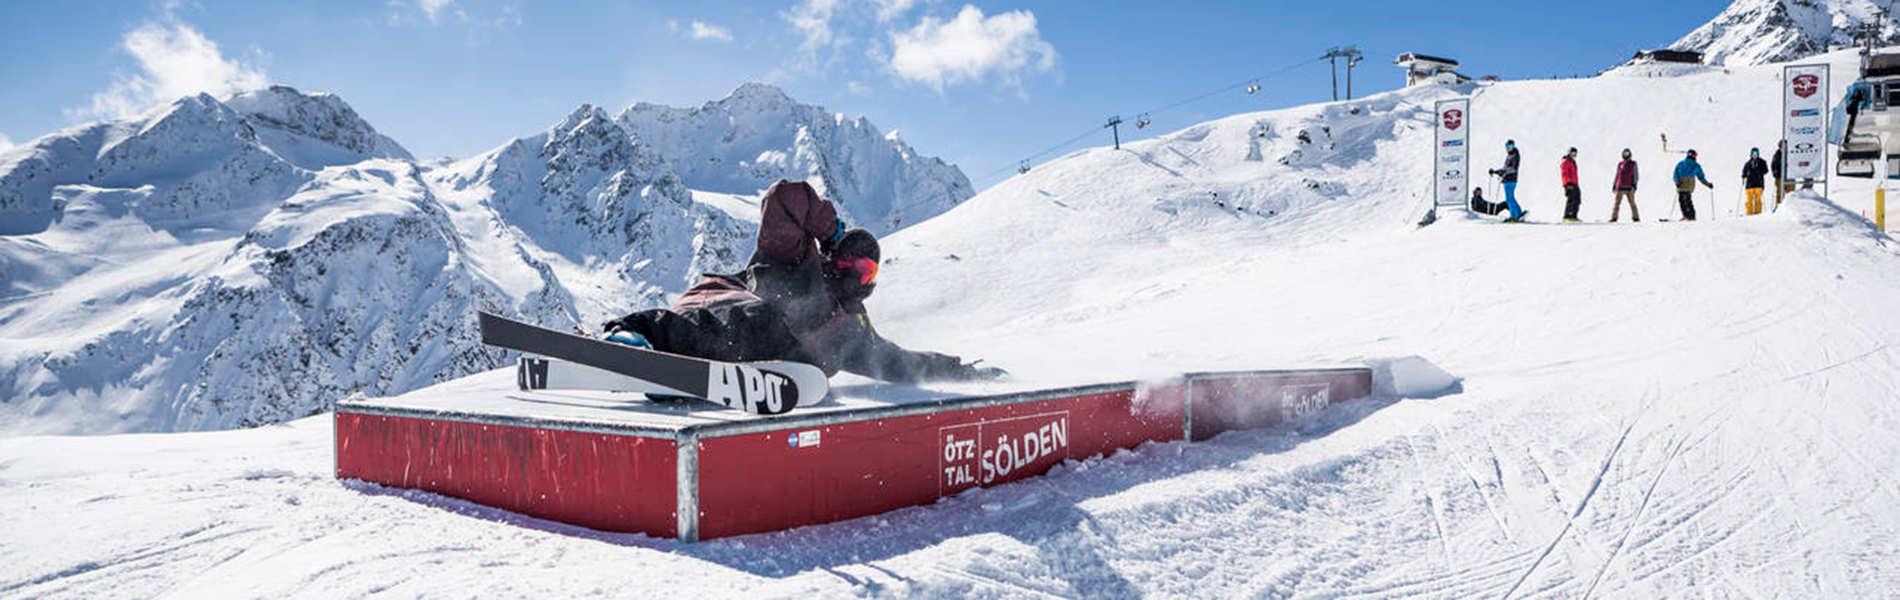 AREA 47 Snowpark Sölden – Home of Creativity and Snow